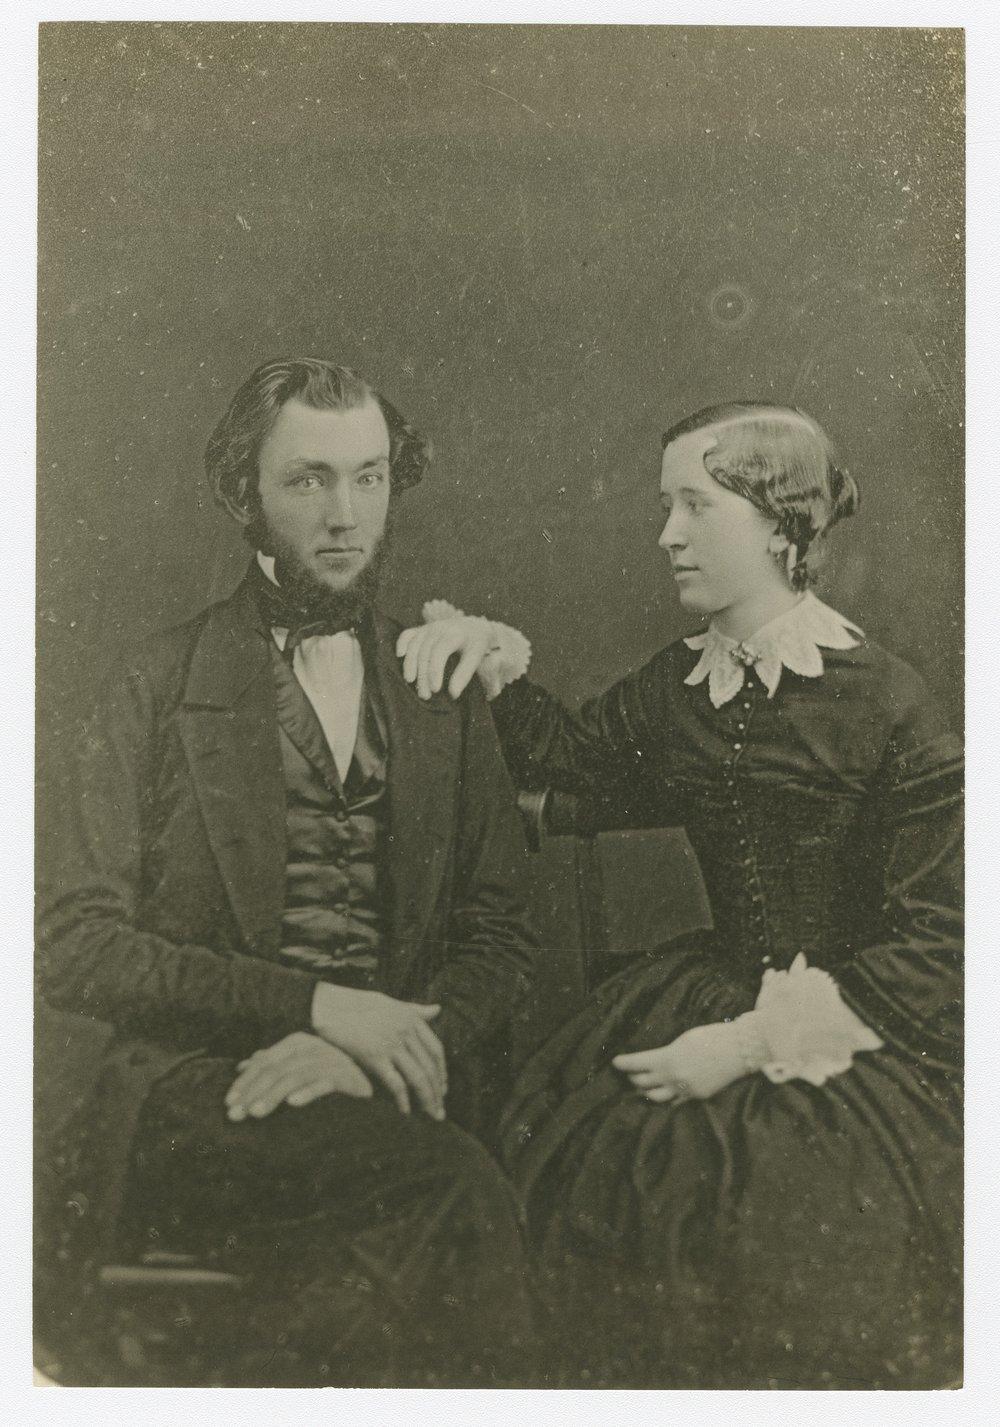 Josiah and Agnes B. Carlisle Miller